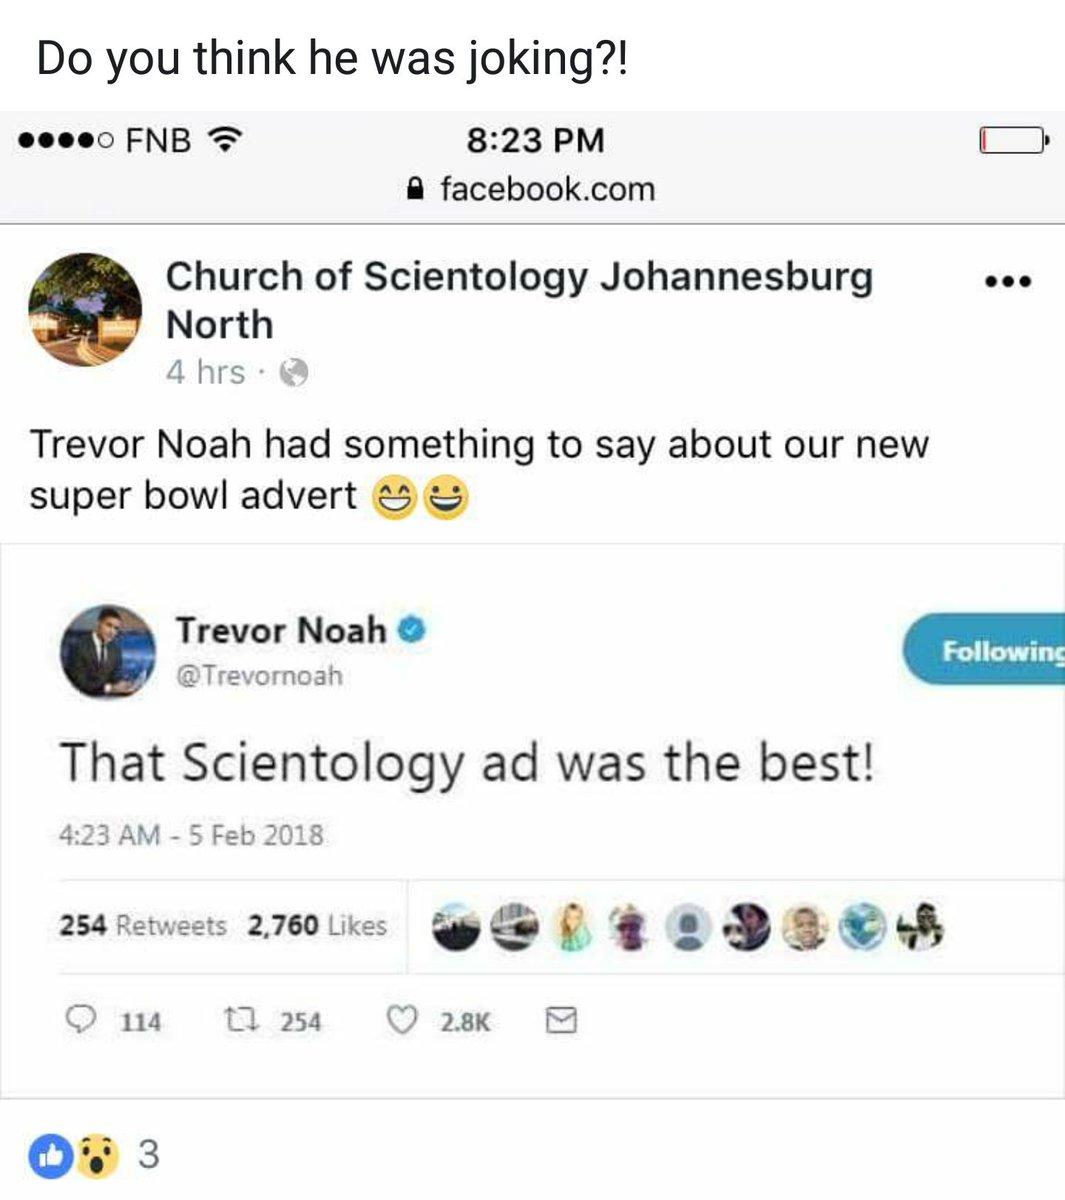 Trevor Noah on Twitter: